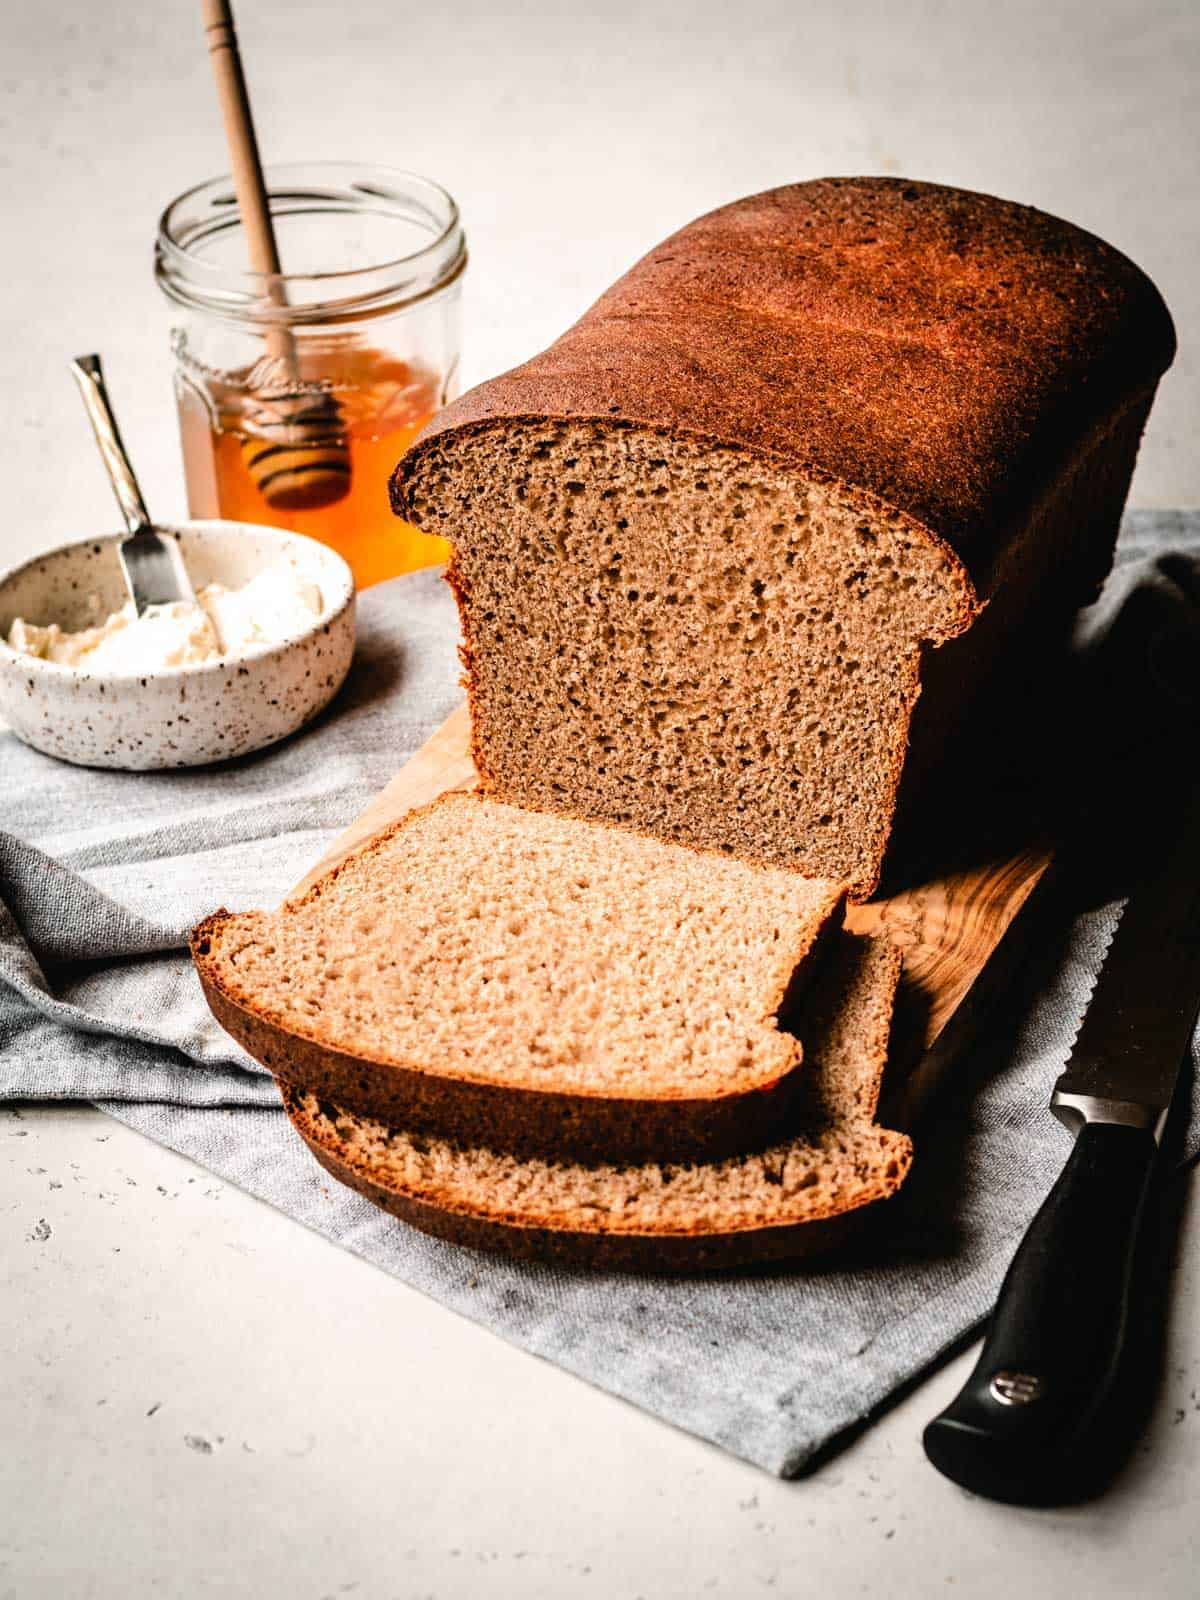 sliced honey whole wheat sandwich bread